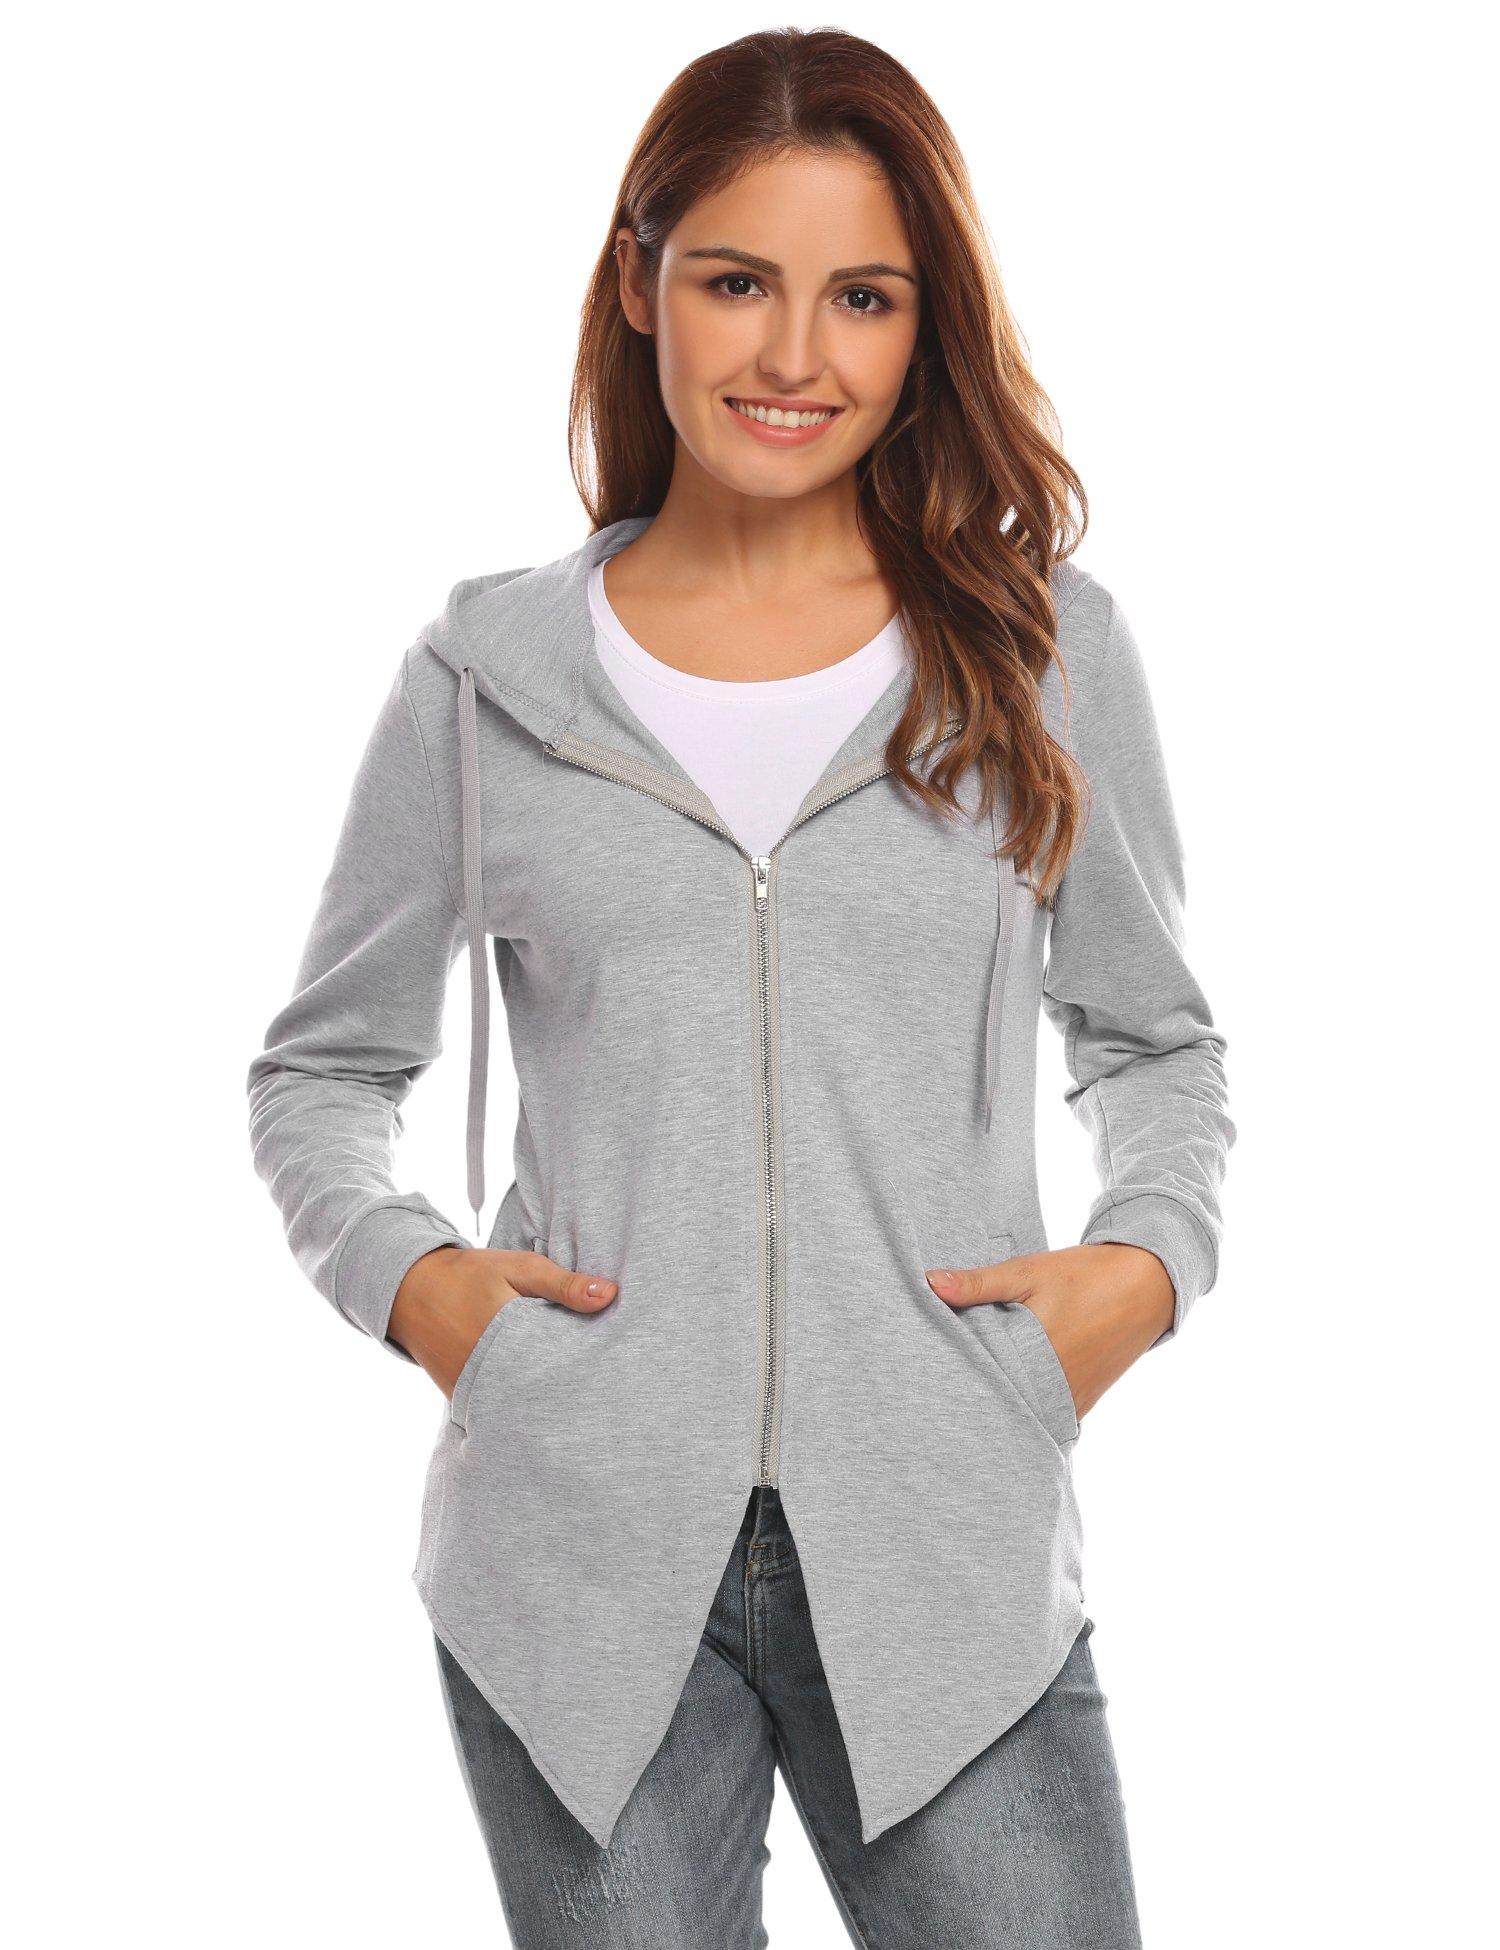 HOTOUCH Womens Outdoor Windproof Lightweight Jacket (Light Gray M)